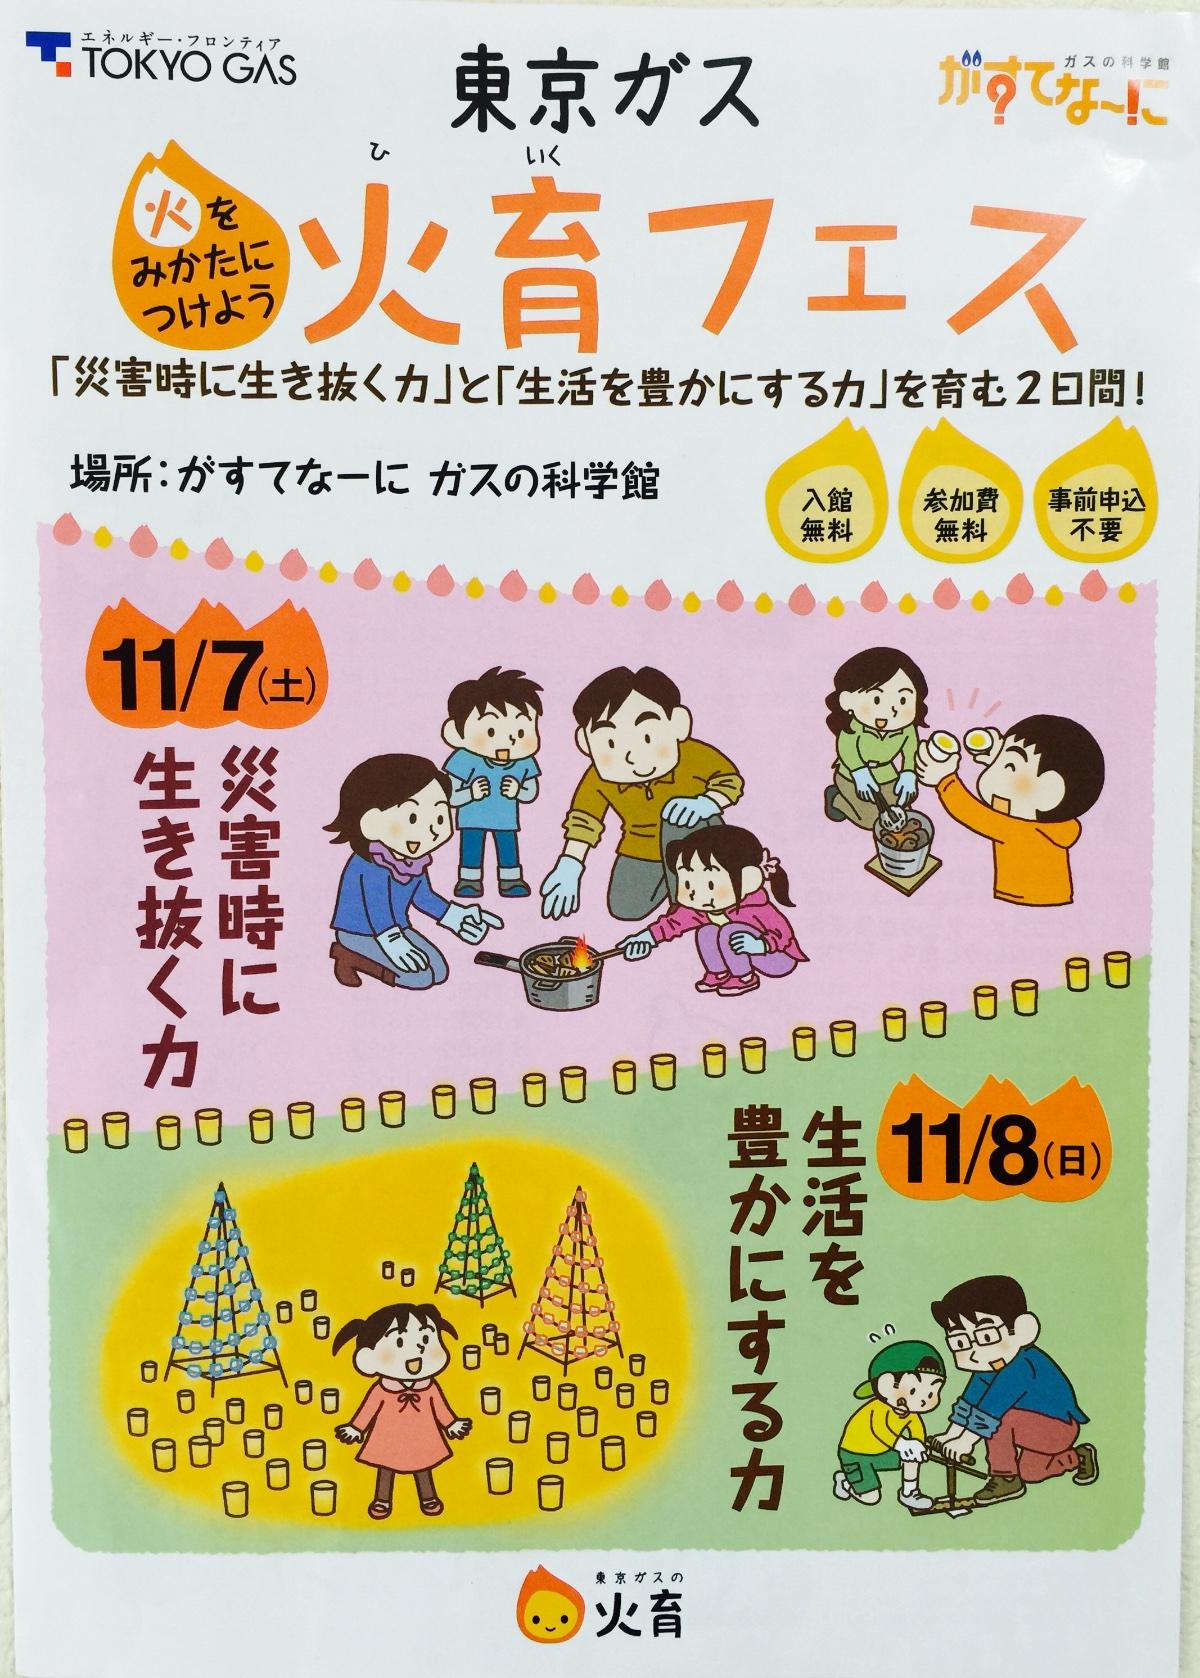 東京ガス がすてなーに イベント火育 豊洲マガジン